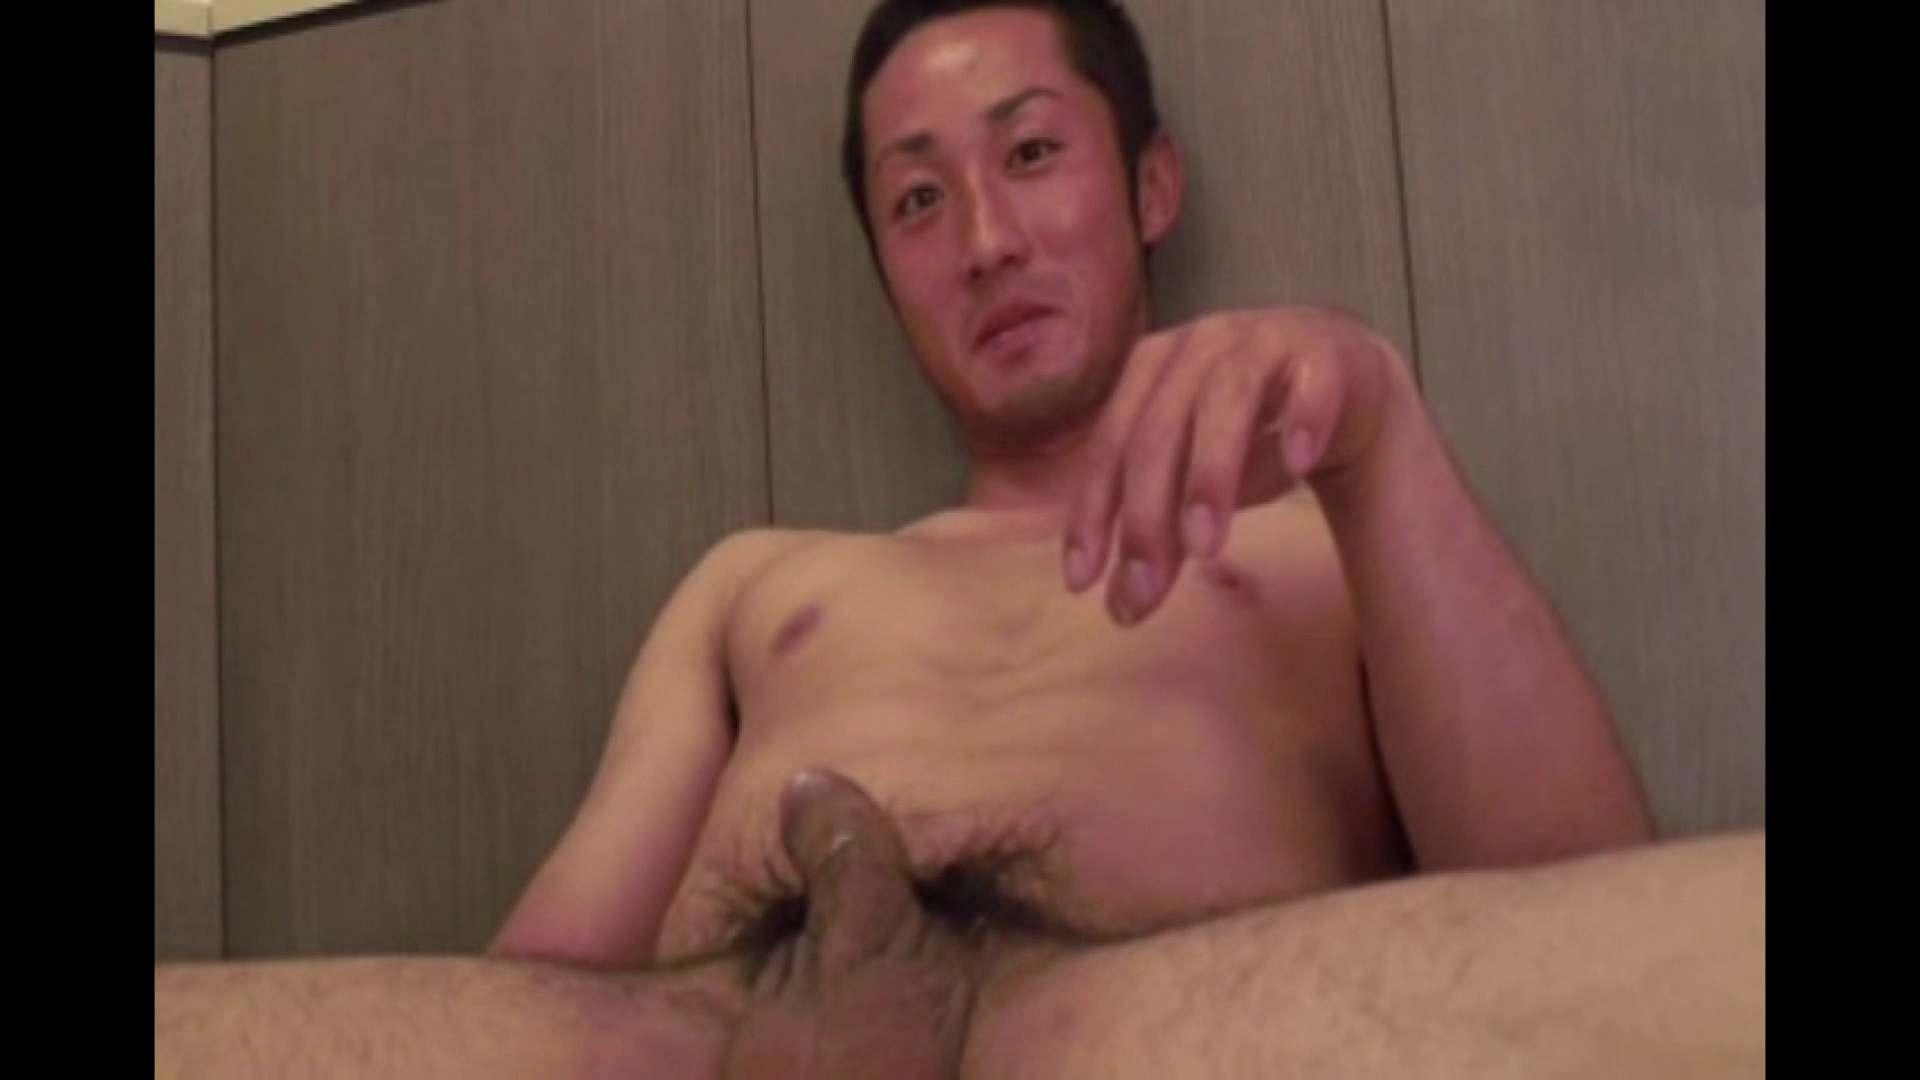 ノンケイケメンの欲望と肉棒 Vol.4 肉   ノンケボーイズ  52pic 8